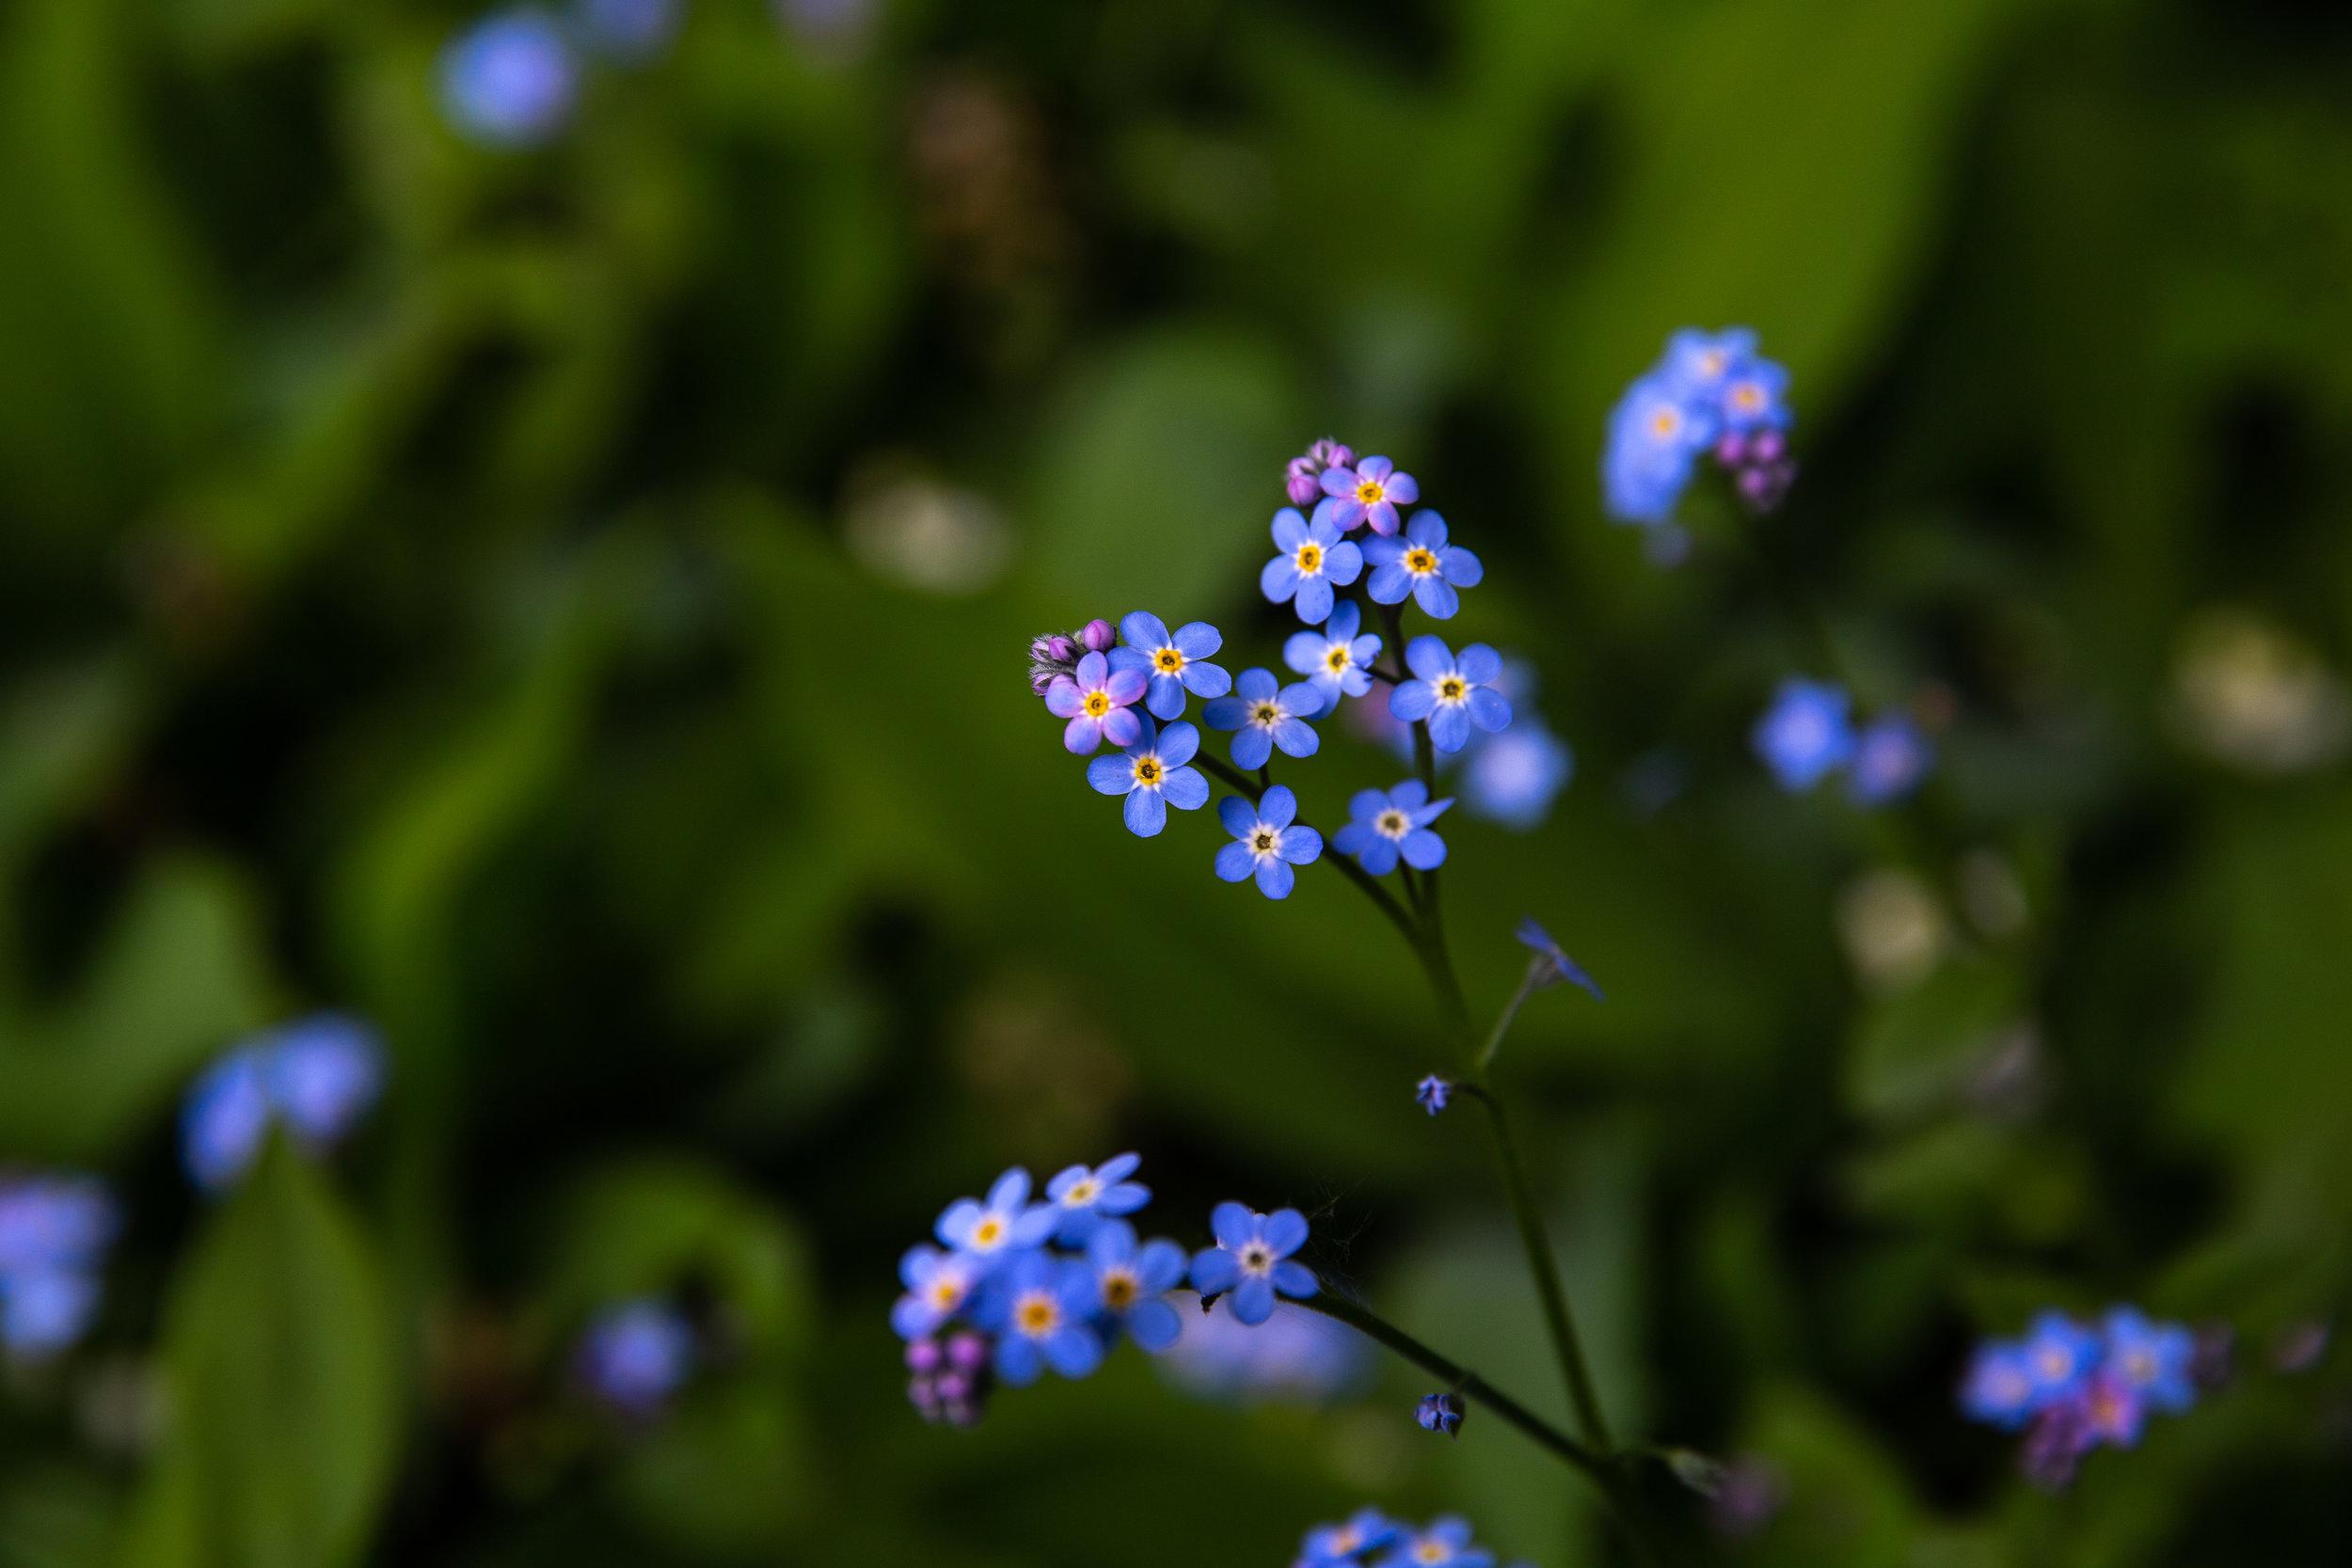 may 7 otis garden flowers oly 2018 5 star edits jenny l miller (76 of 368).jpg